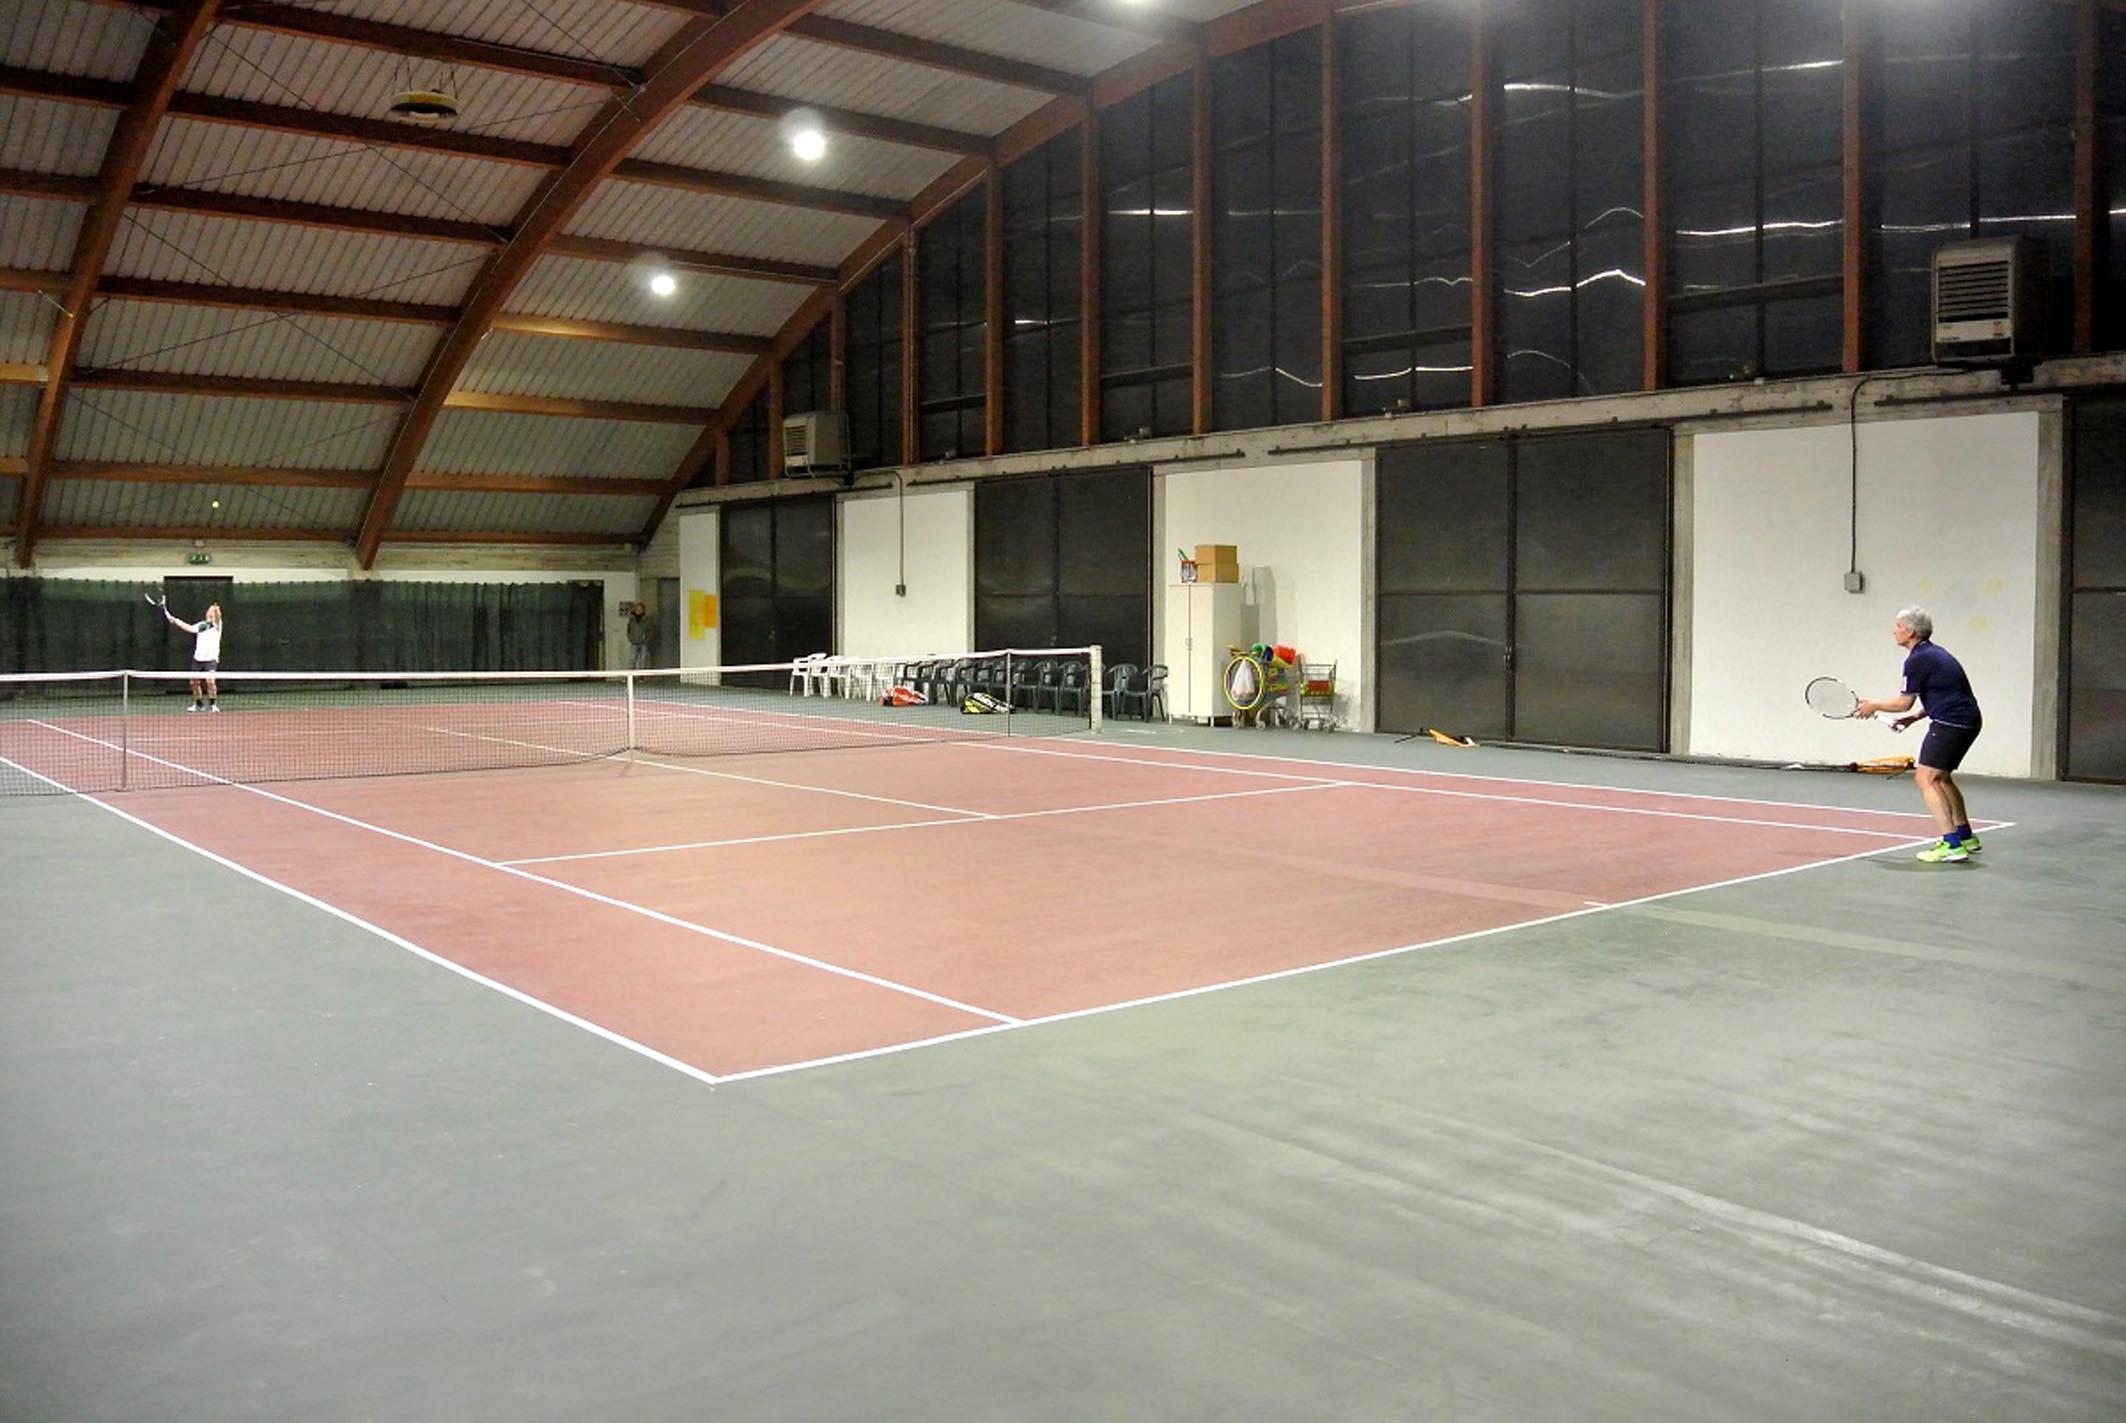 Costo impianto illuminazione campo da tennis impianto carecaled